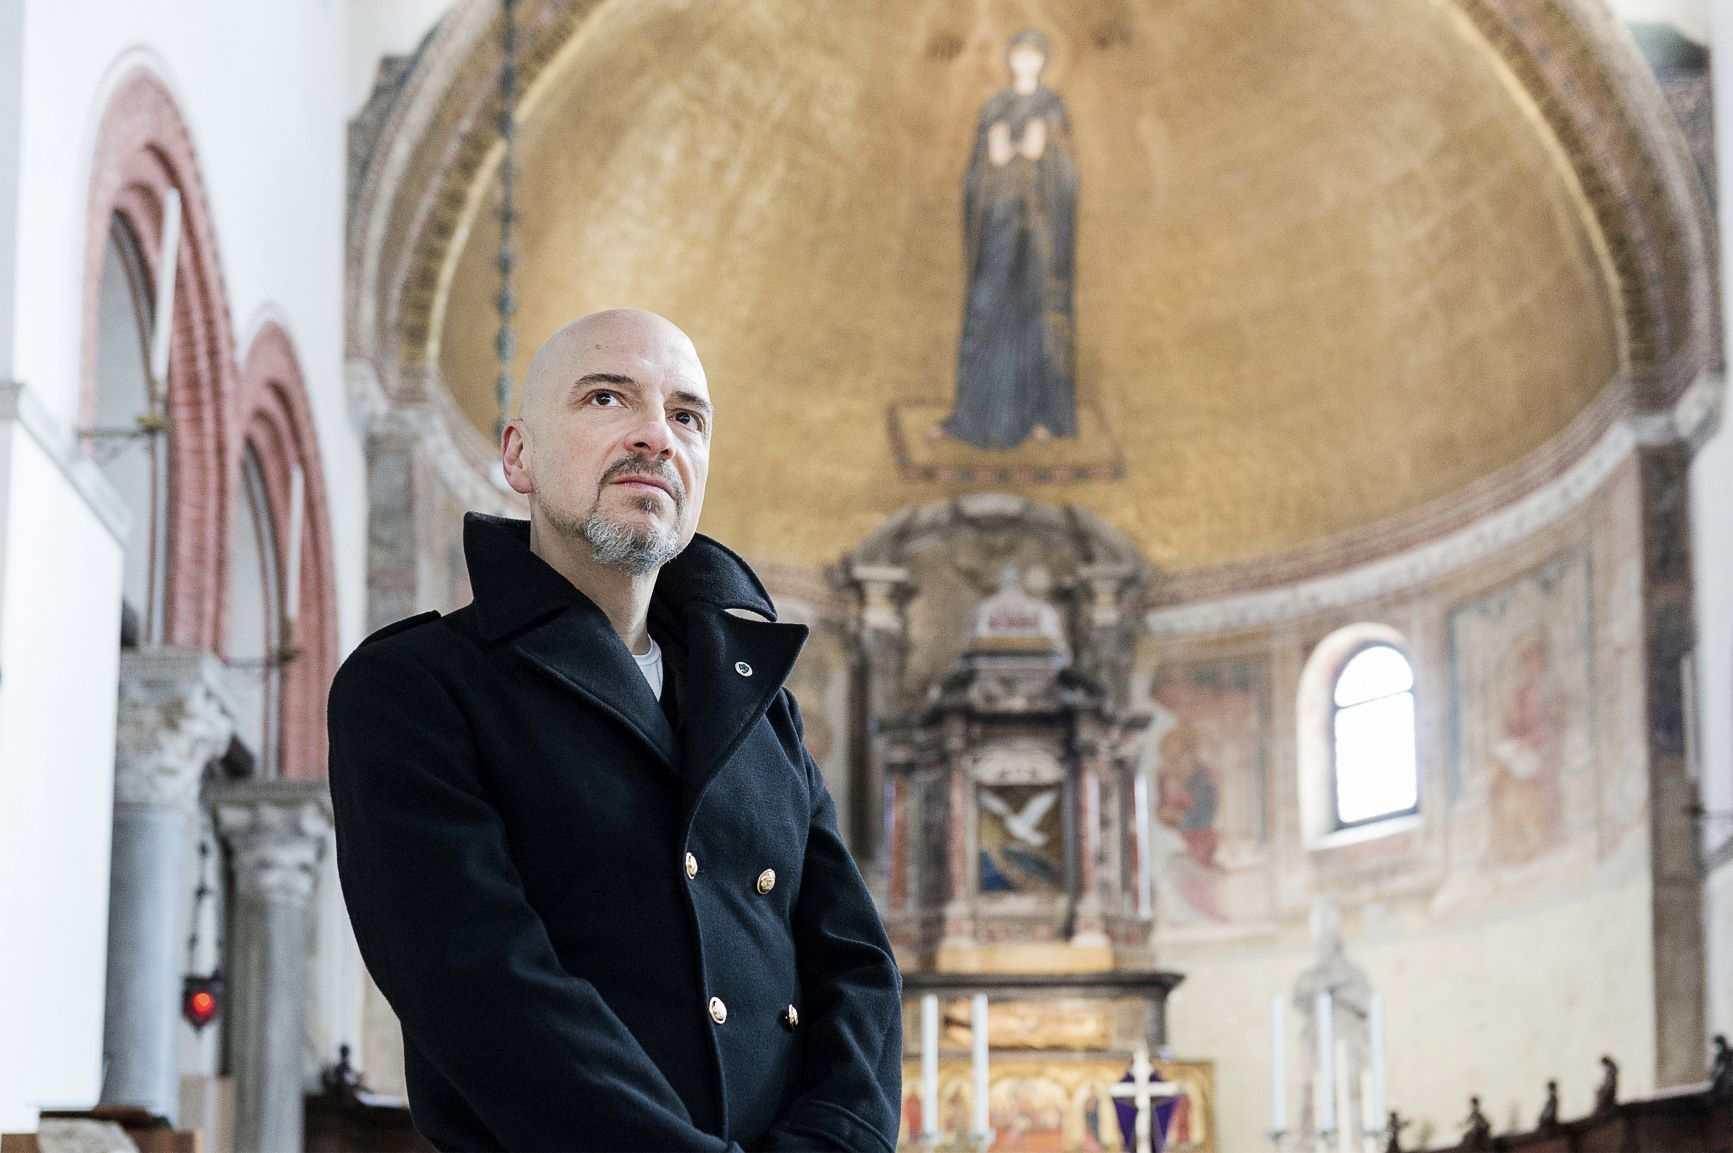 Marco Toso Borella